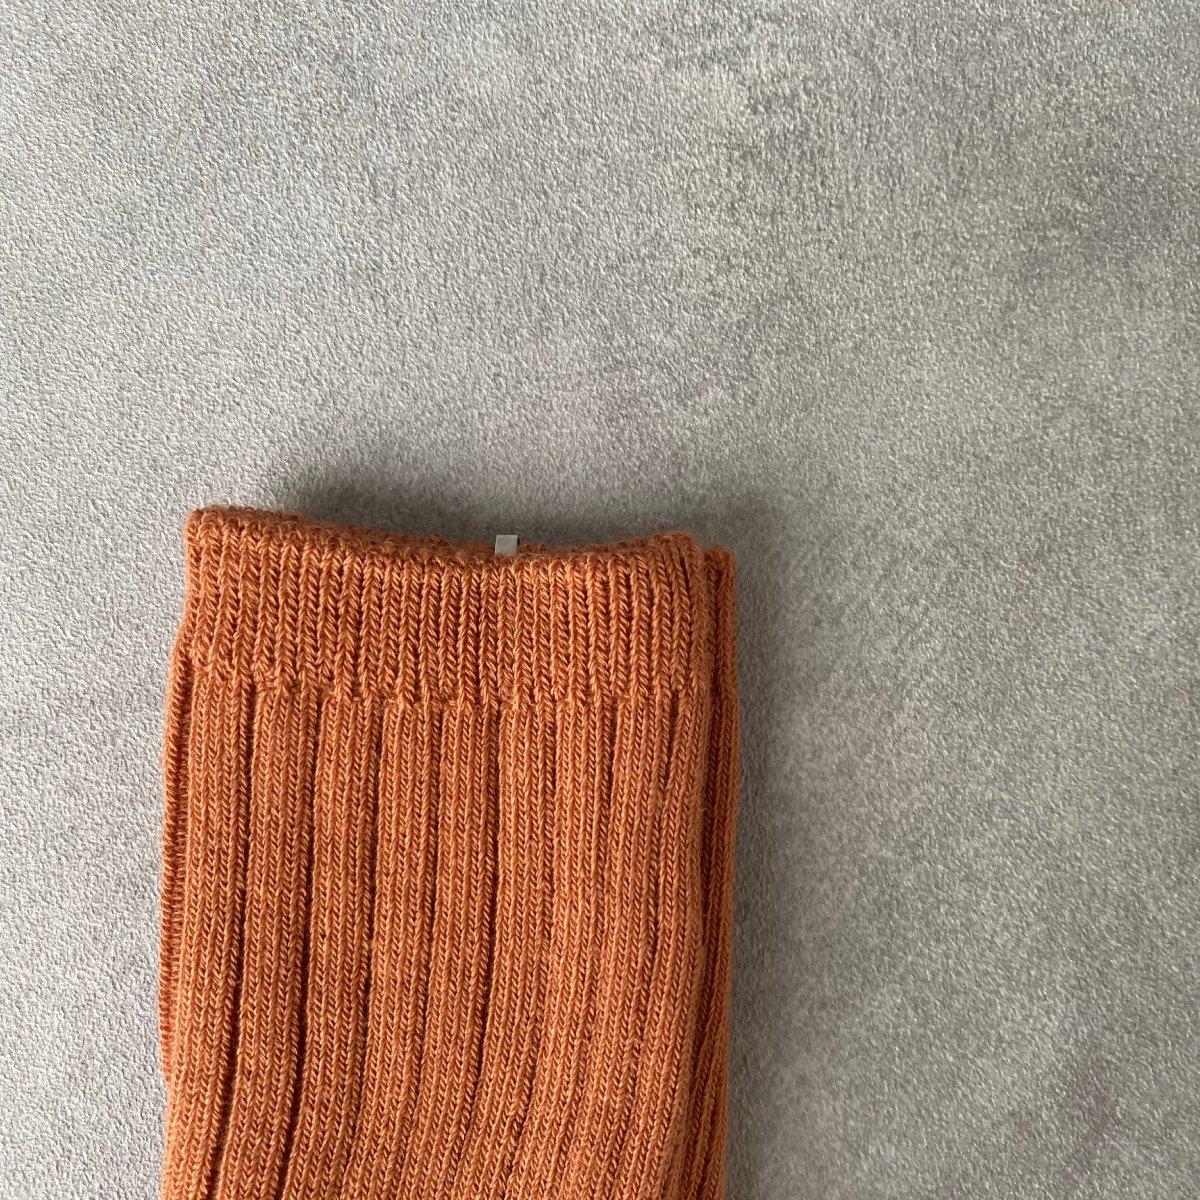 【KIDS】Pistachio Socks 詳細画像15